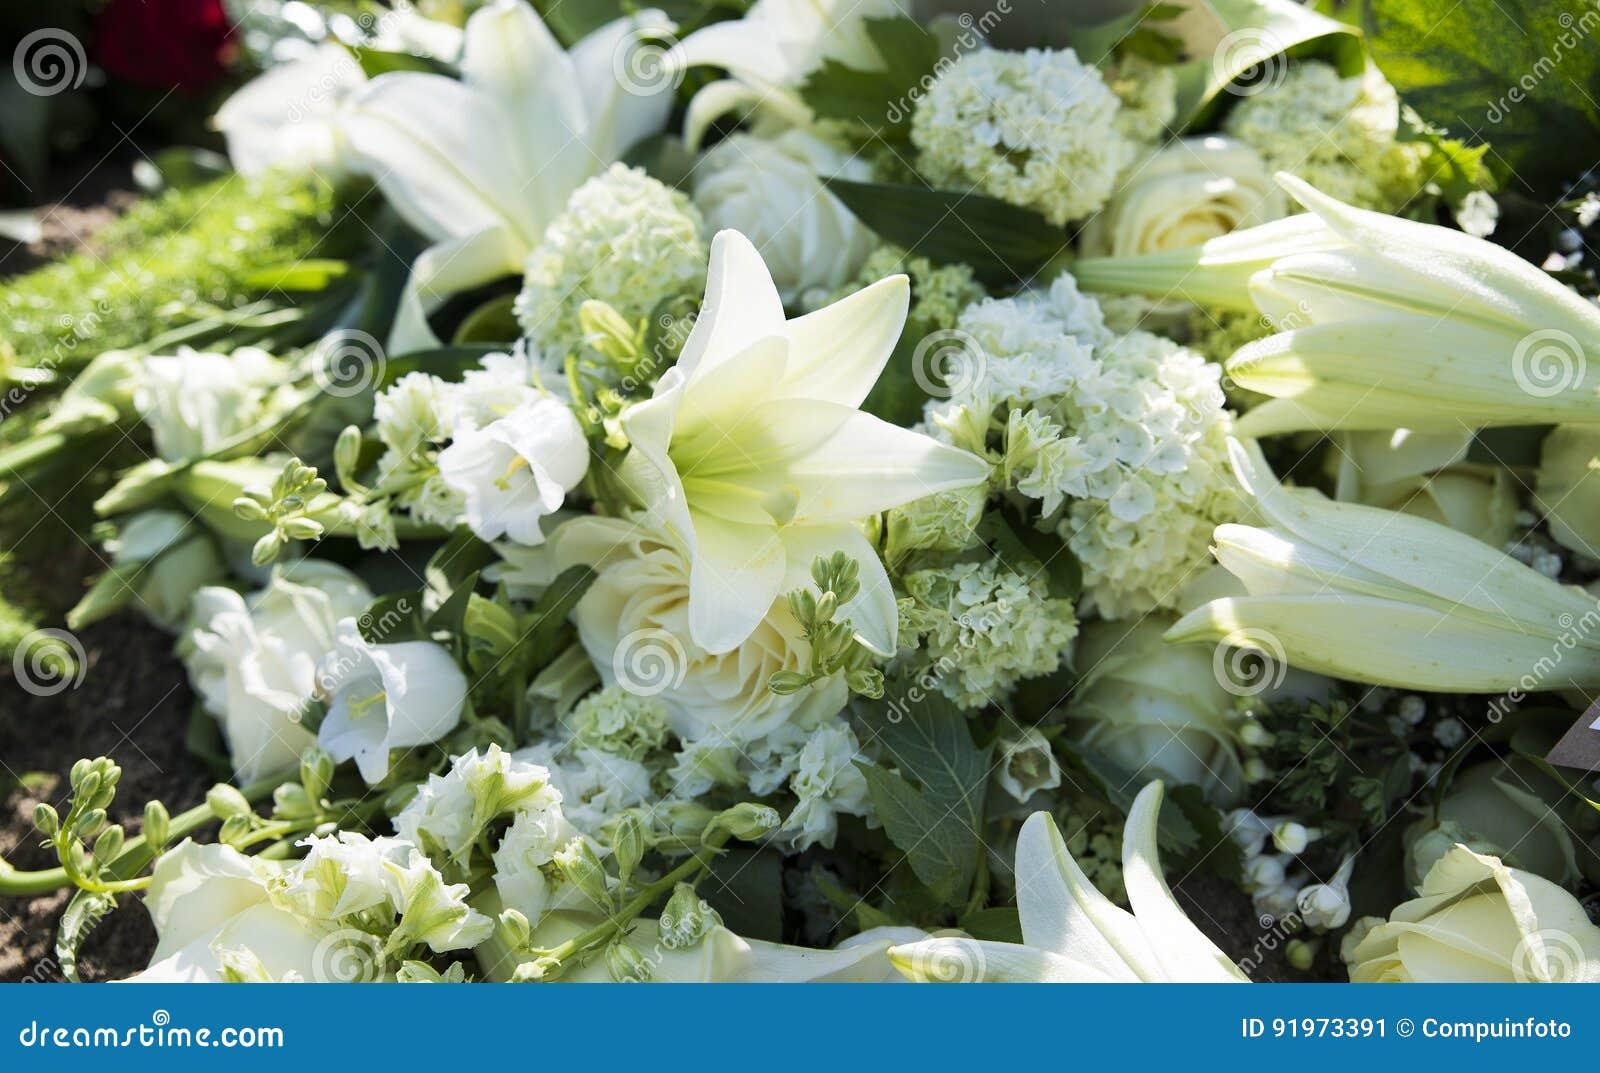 Weisse Begrabnis Blumen Stockbild Bild Von Blumen Verlust 91973391